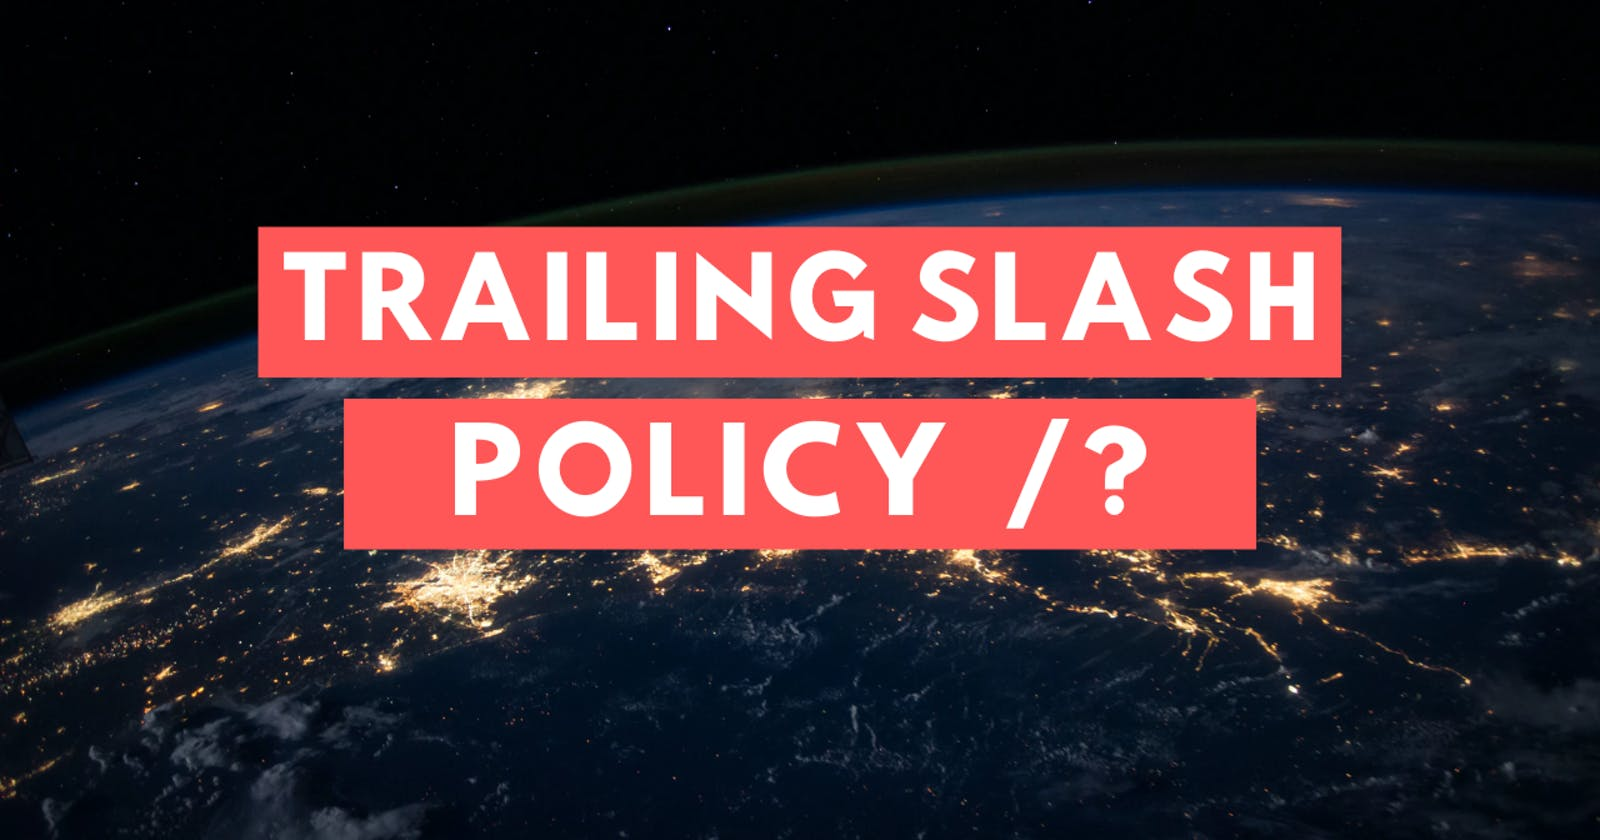 URL trailing slash policy